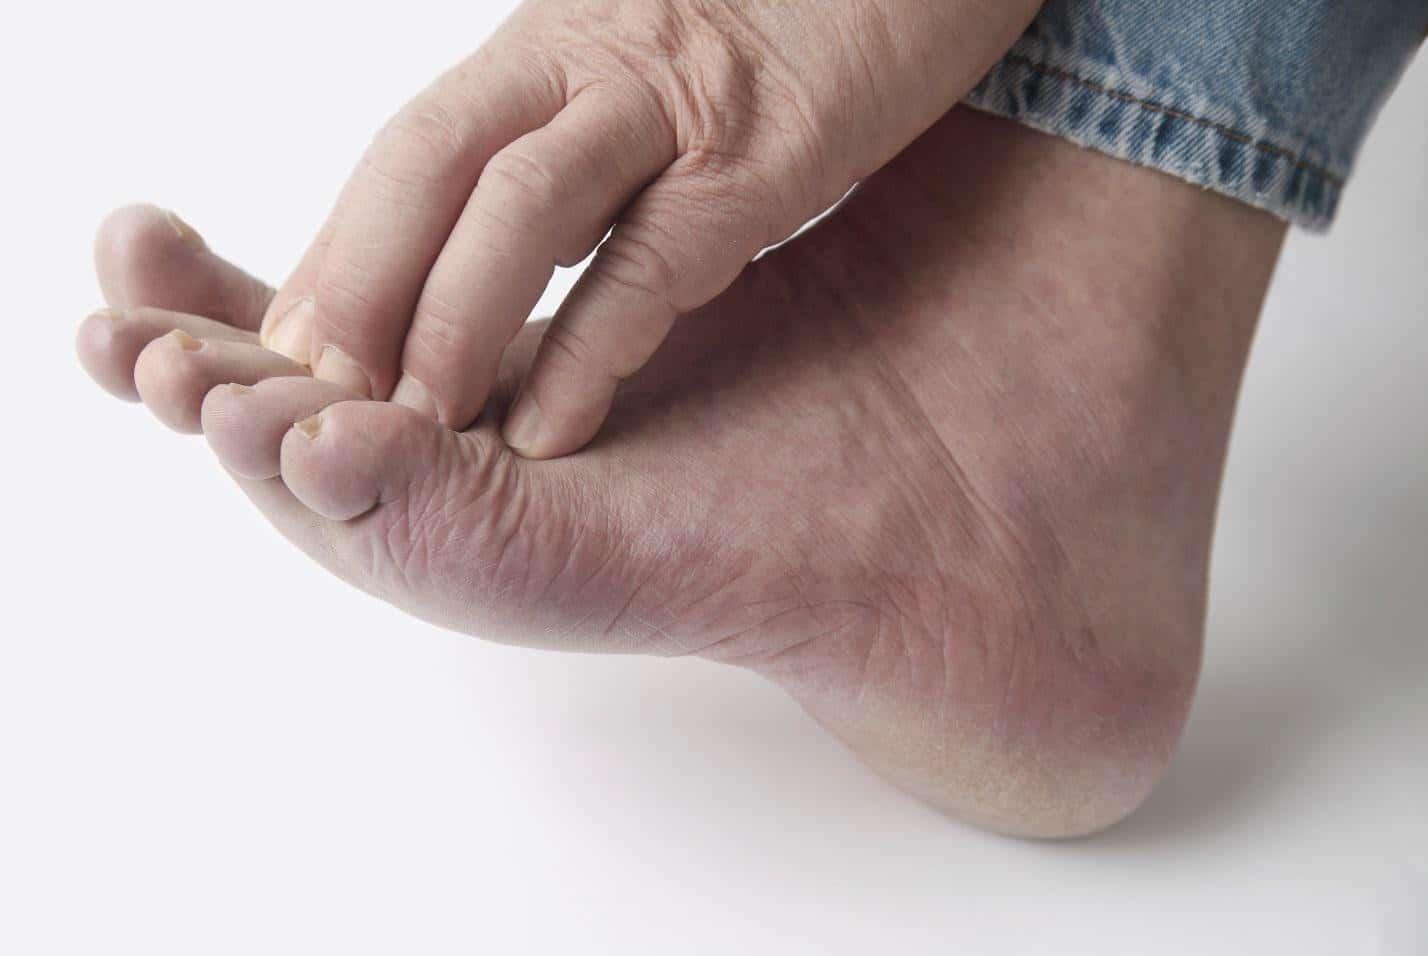 Грибок на ногах как выглядит